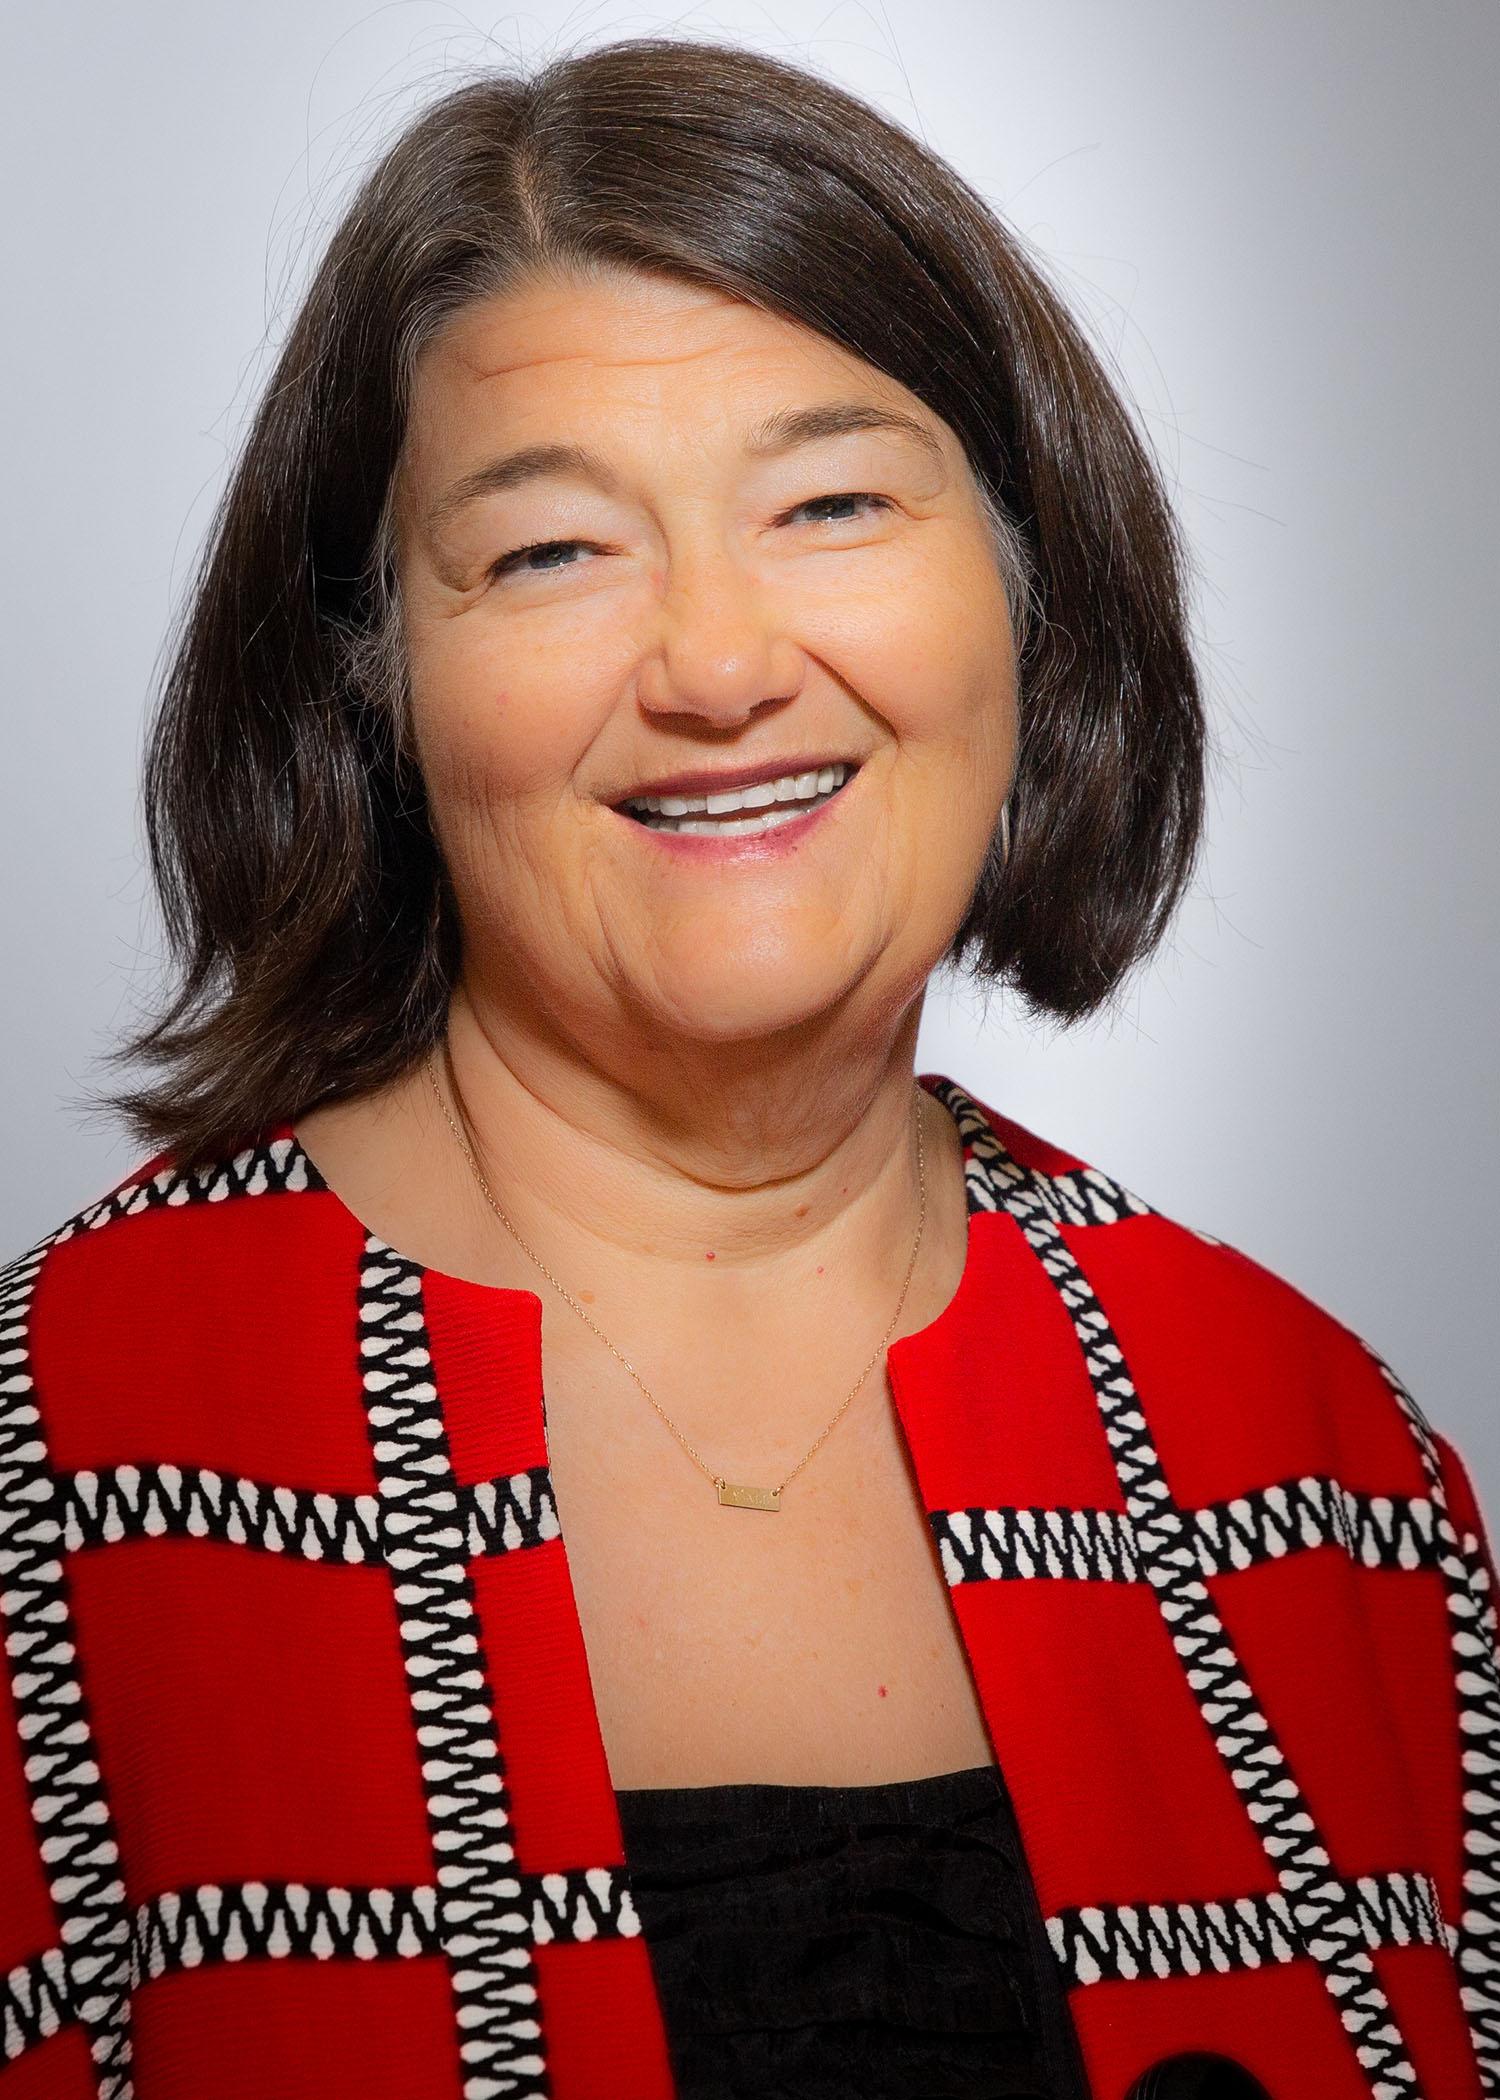 العميد المؤقت لكلية الطب بجامعة UNM ، الدكتورة مارثا كول ماكجرو